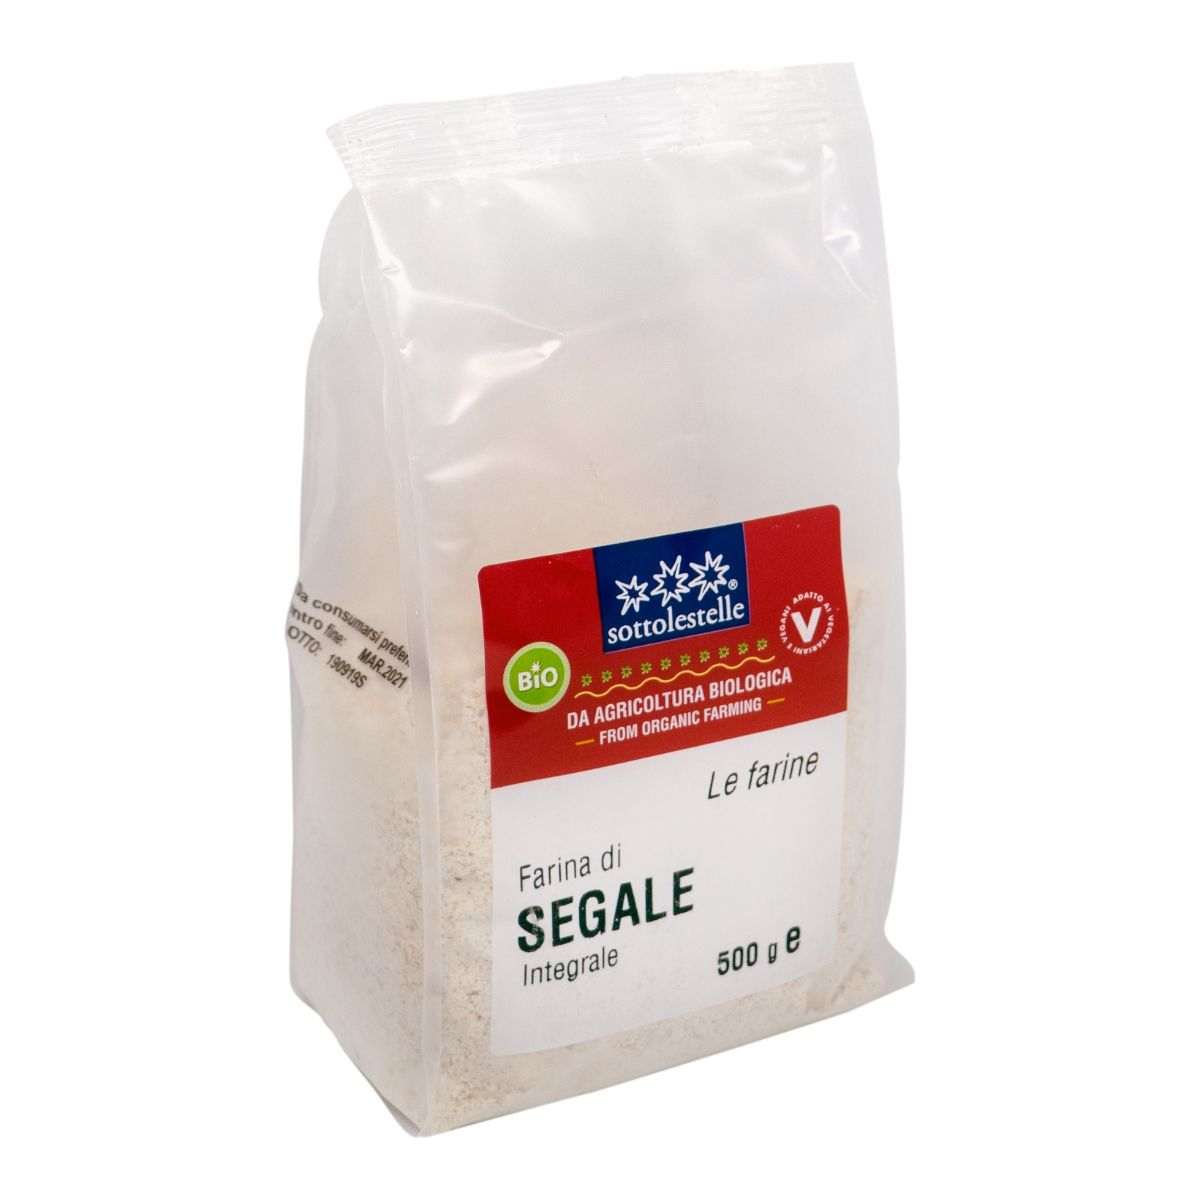 8032454070164 B Bột lúa mạch đen nguyên cám hữu cơ Sotto 500g - Farina di Segale Integrale